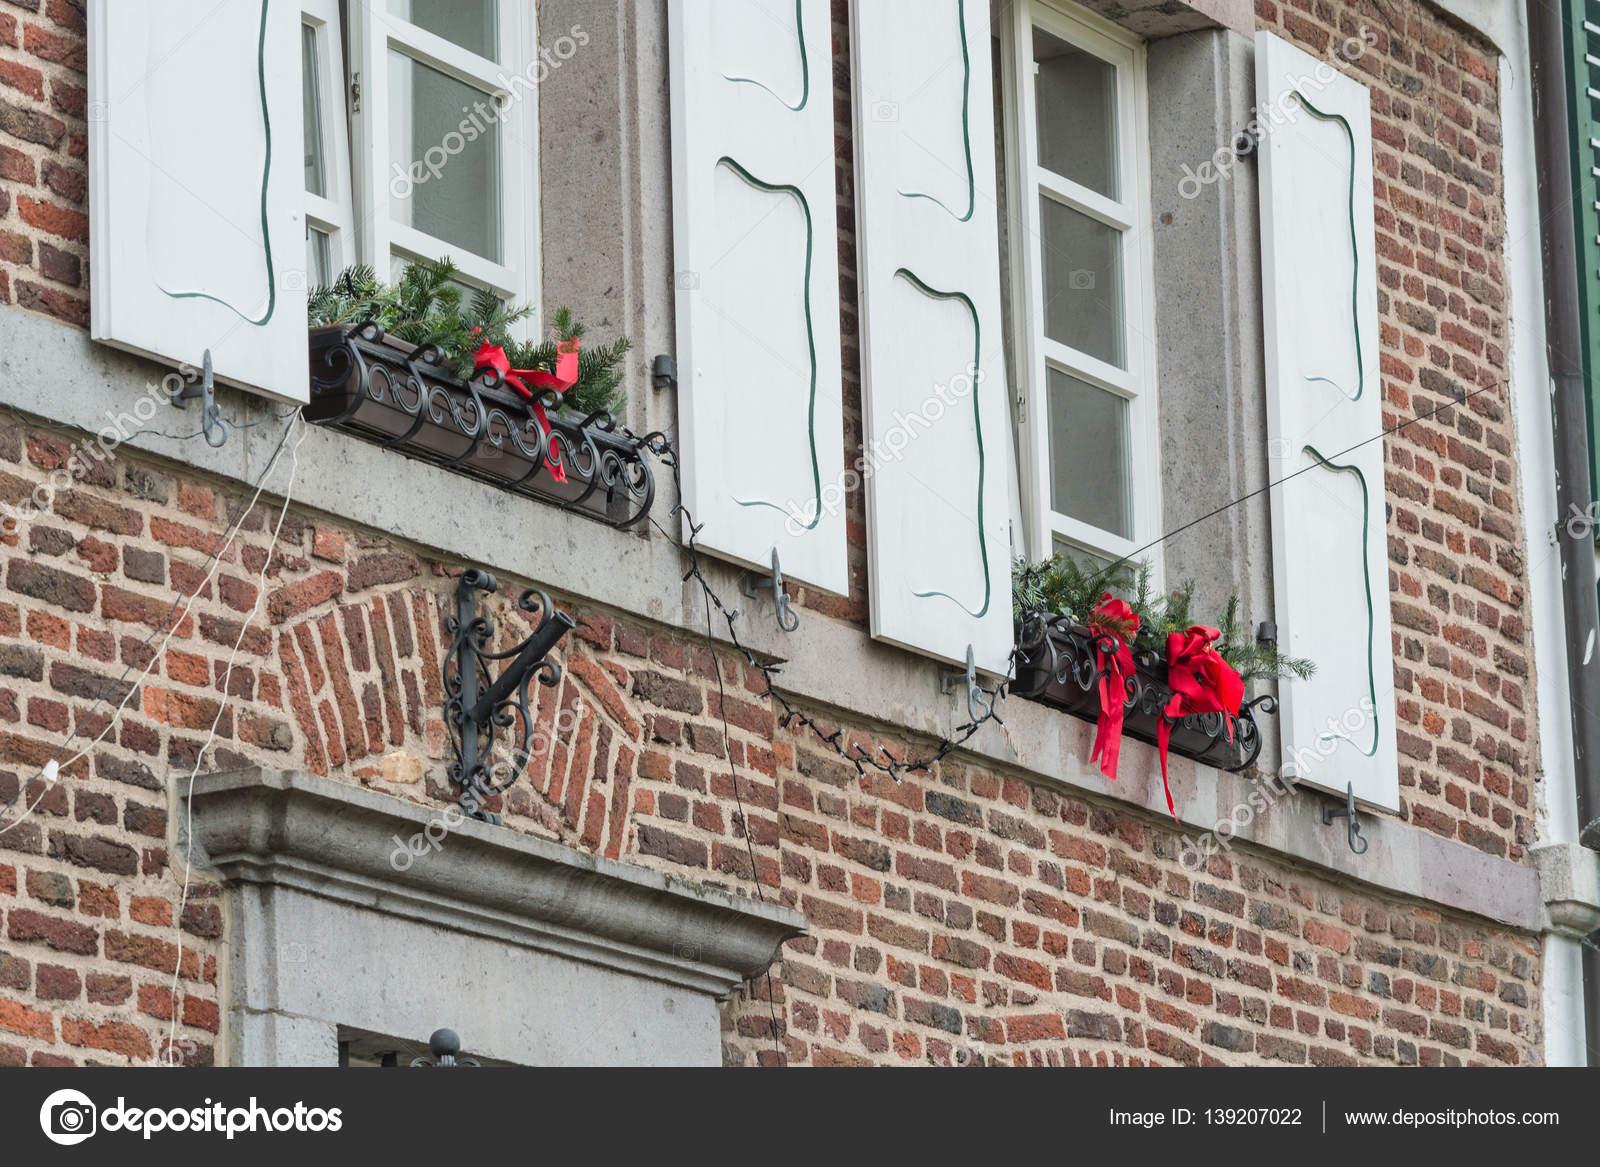 Huis versierd en verlicht voor kerstmis u2014 stockfoto © nikd51 #139207022